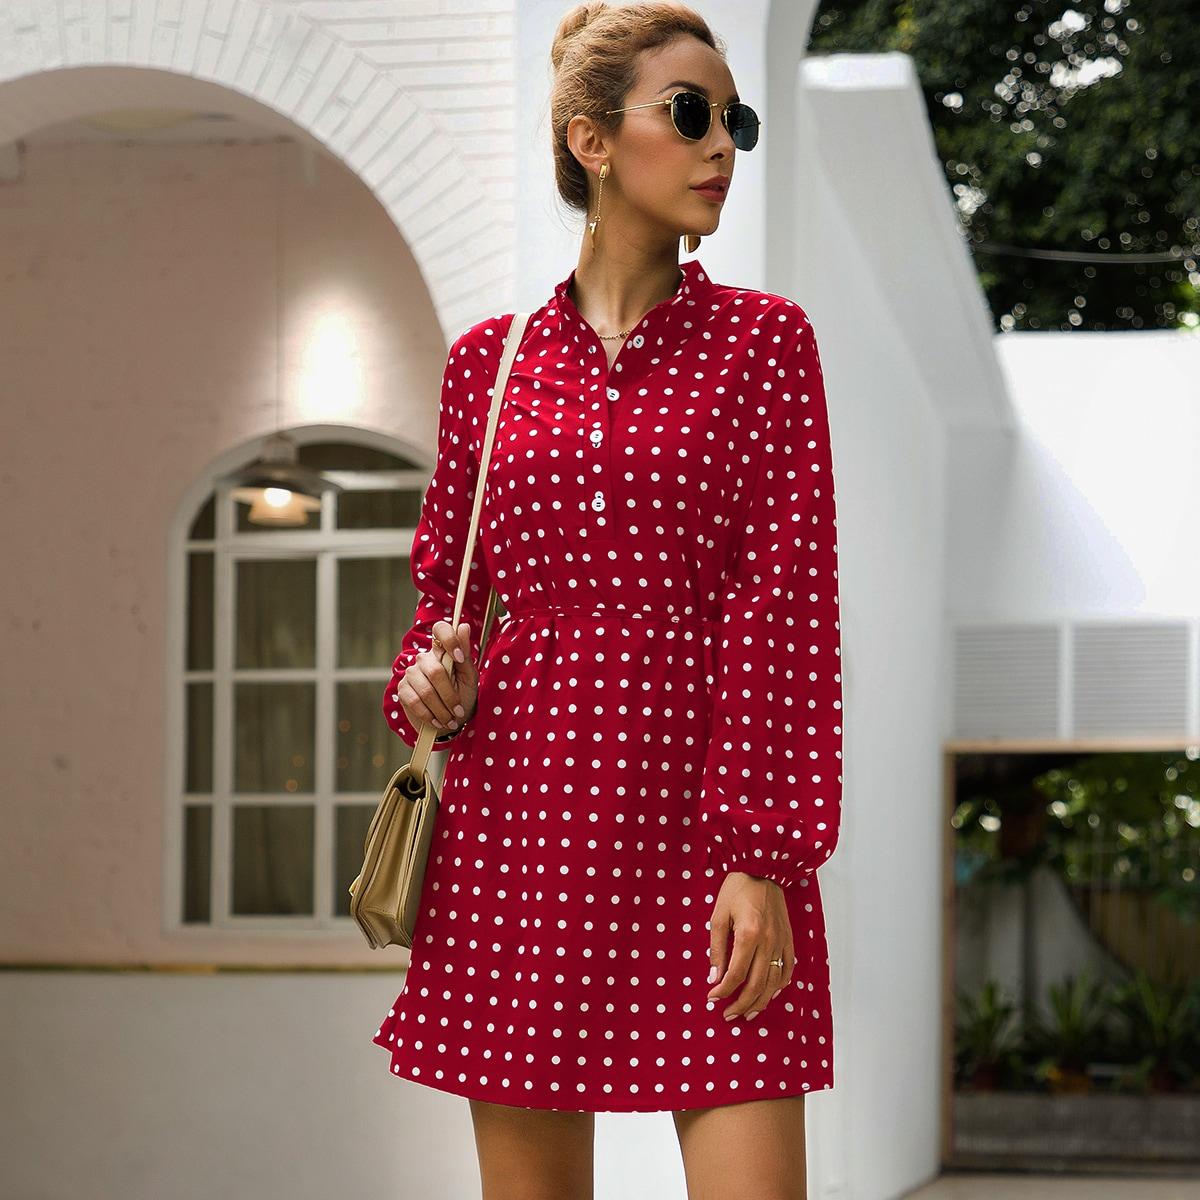 Розово-красный с поясом В горошек Элегантный Платья фото